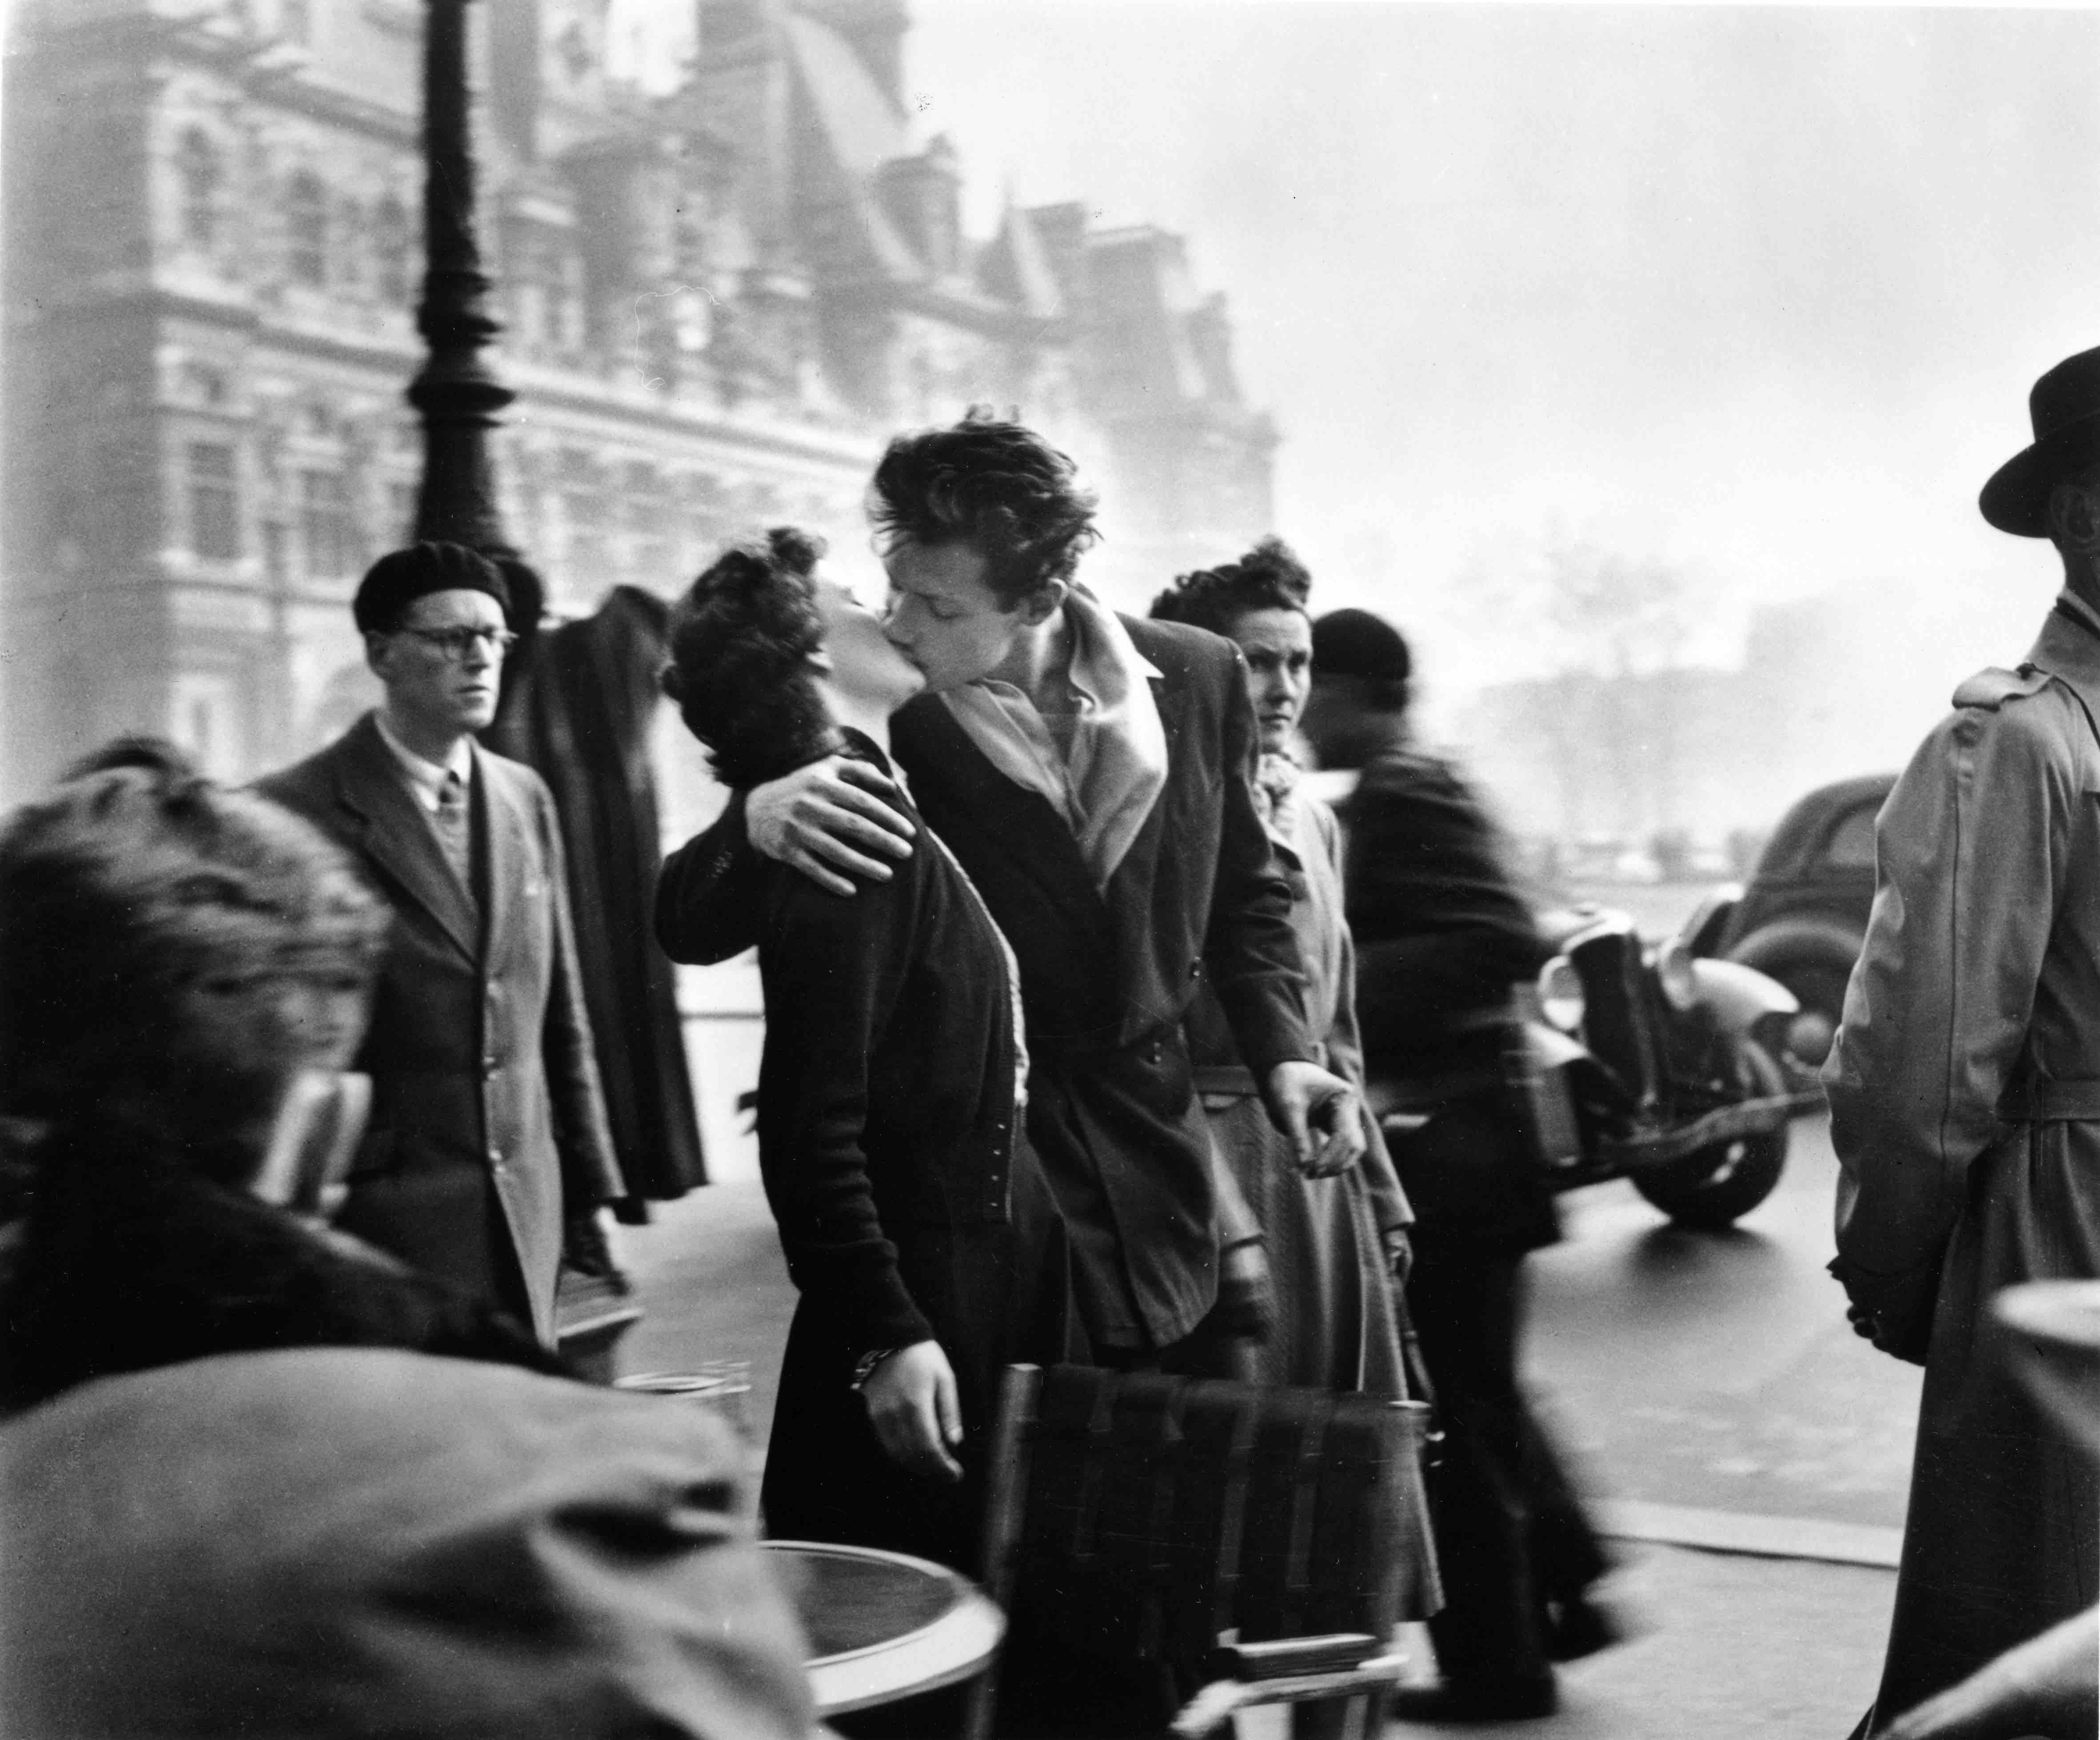 Le baiser de l'hôtel de ville, Paris 1950